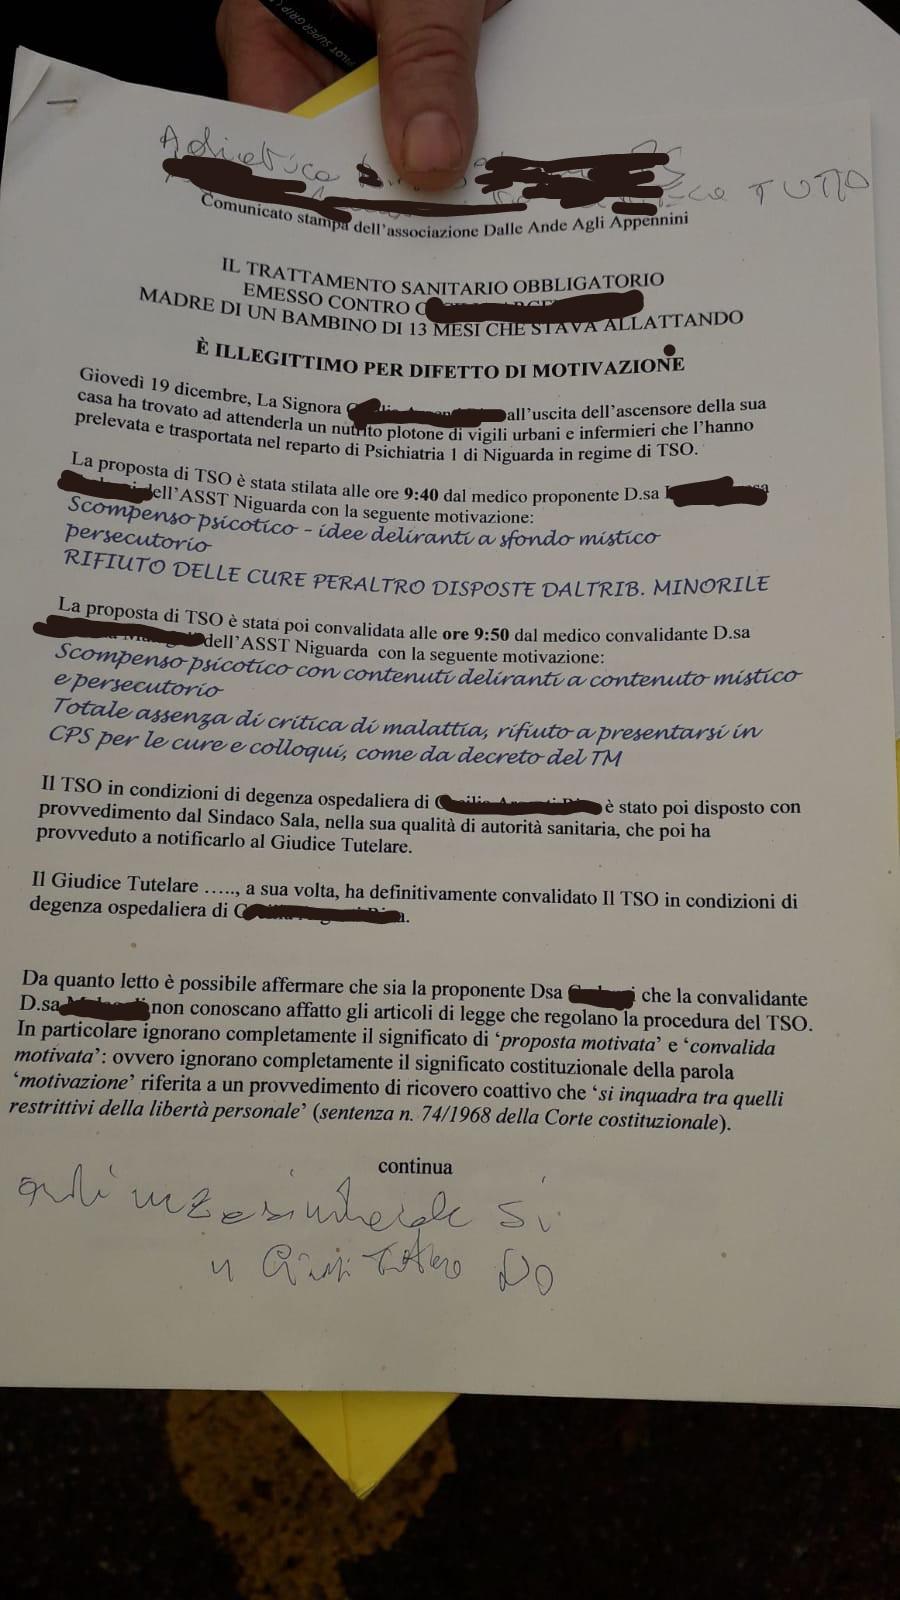 Prima Pagina - Bambini rubati e tso alle madri che si ribellano? Ma cosa succede a Milano? 26/12/2019